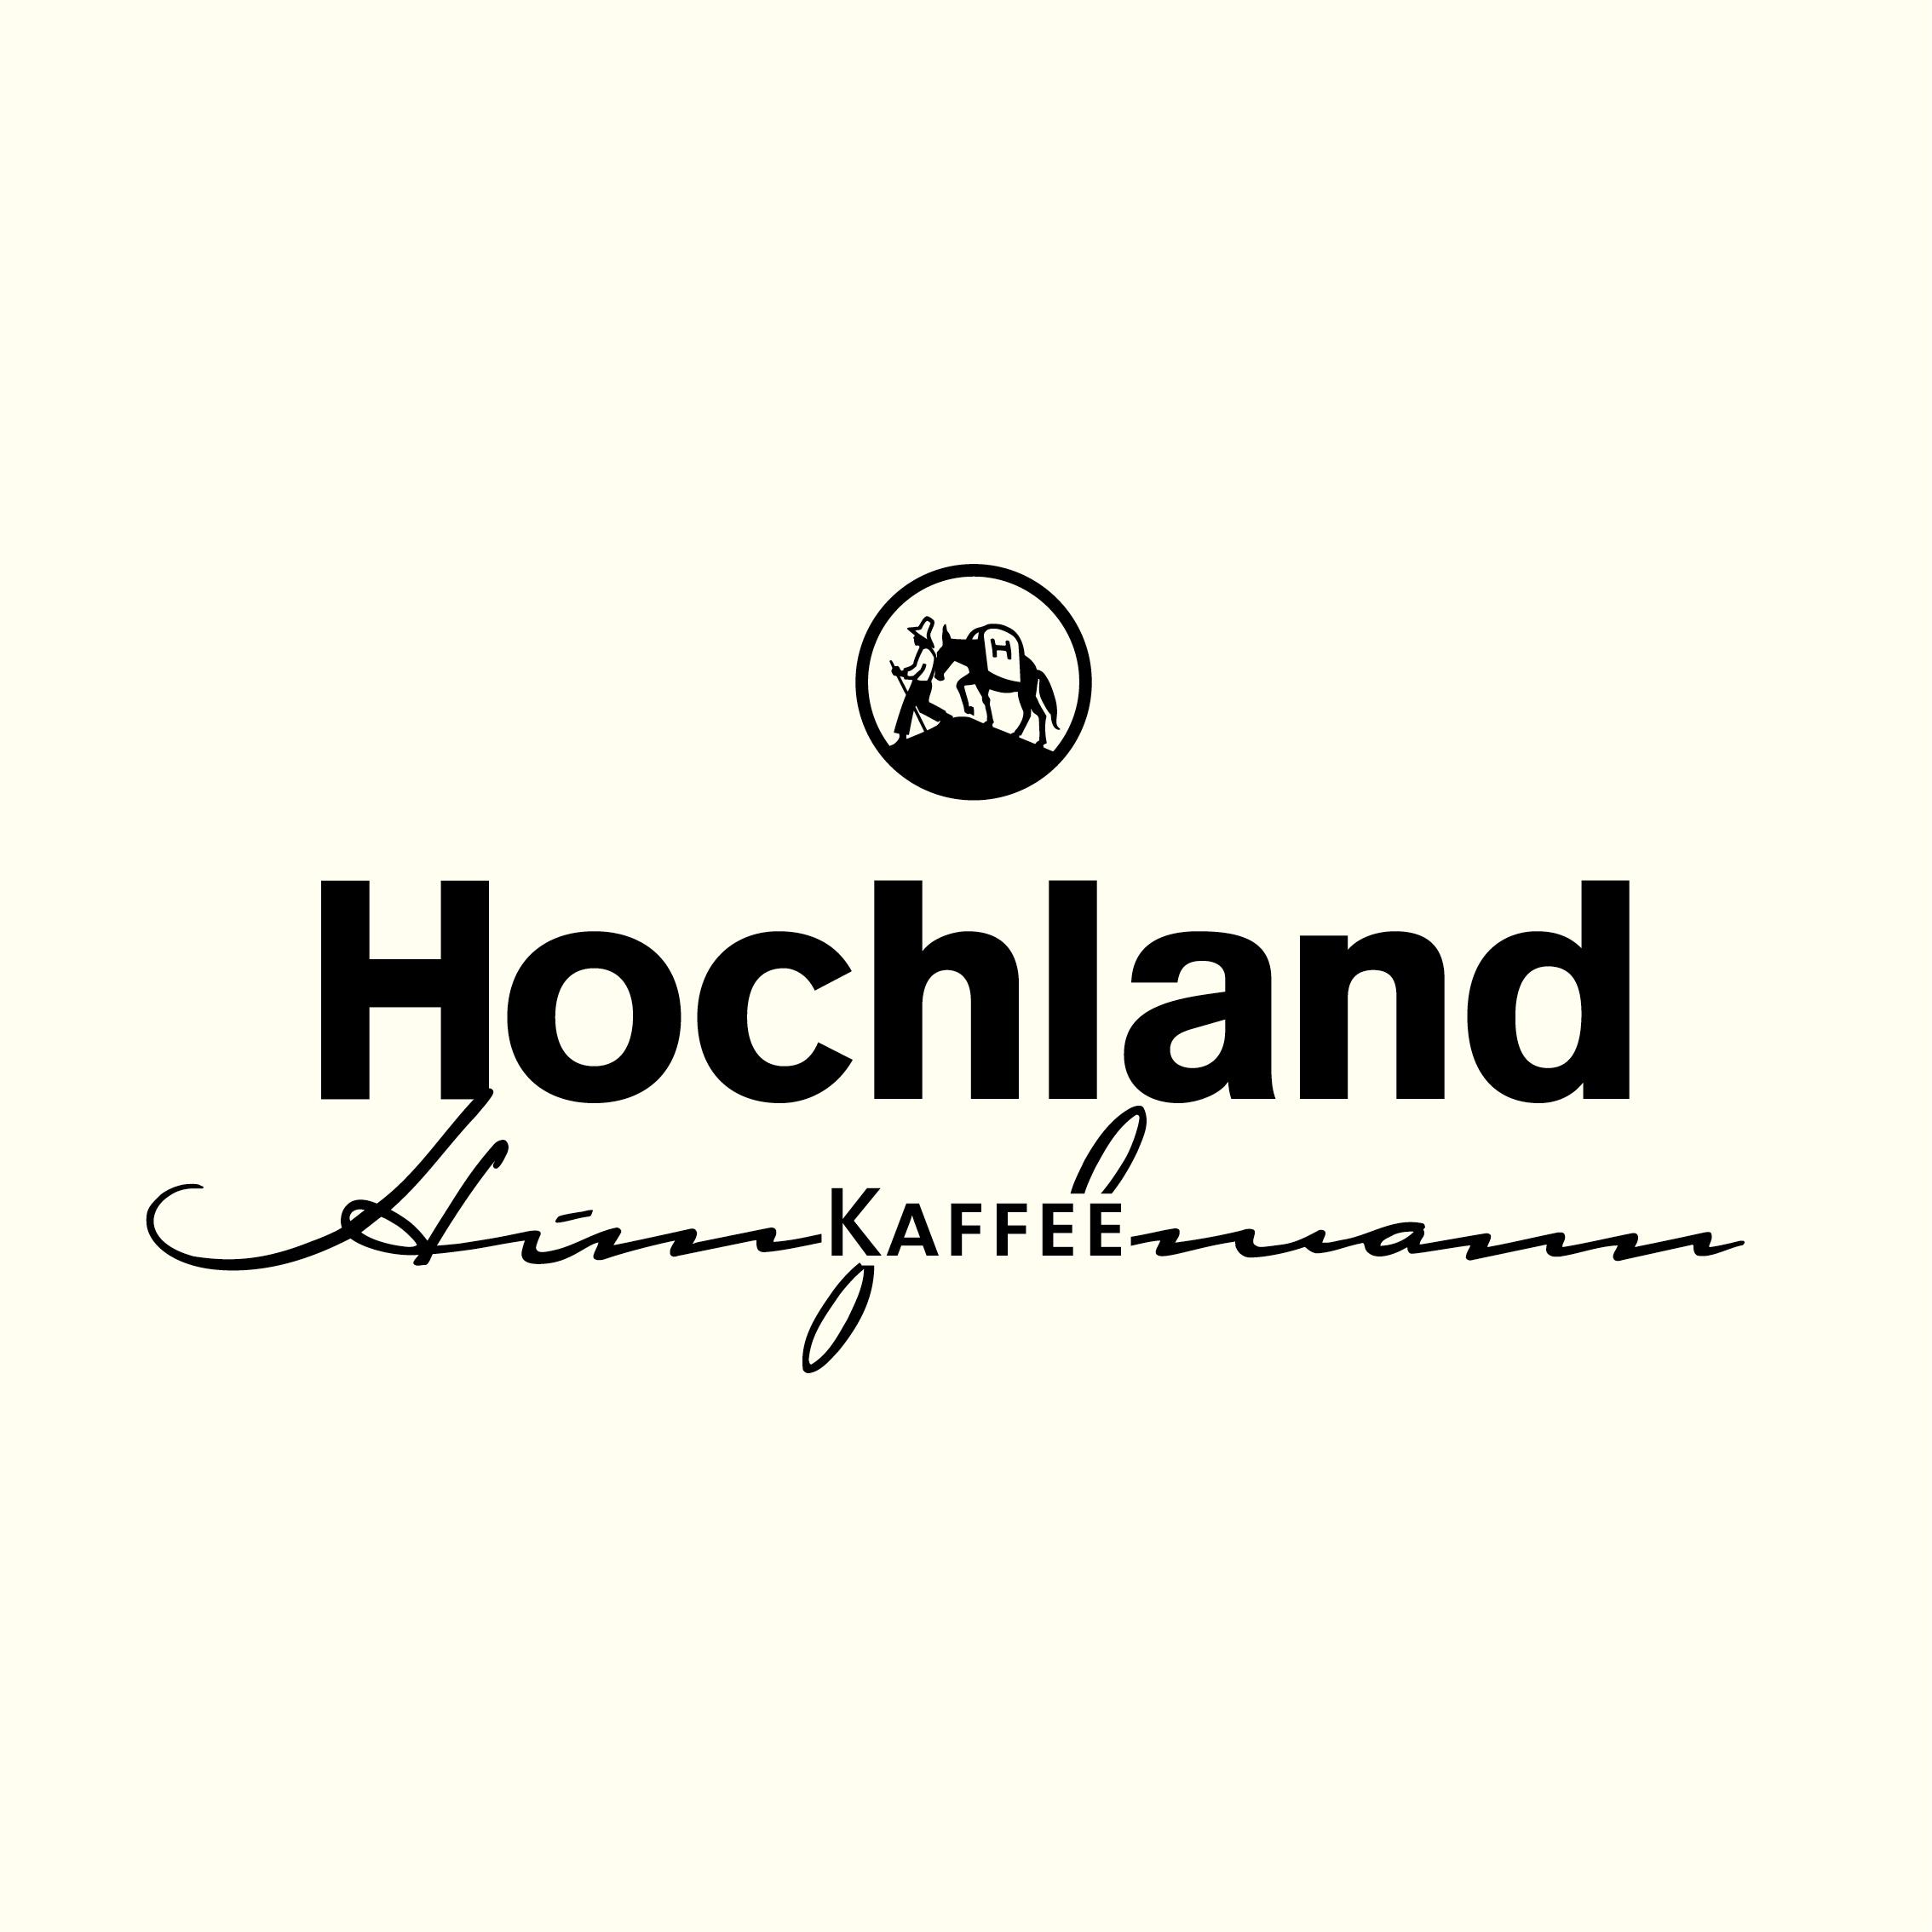 Hochland Bildmarke Markenmotiv auf hellem Untergrund